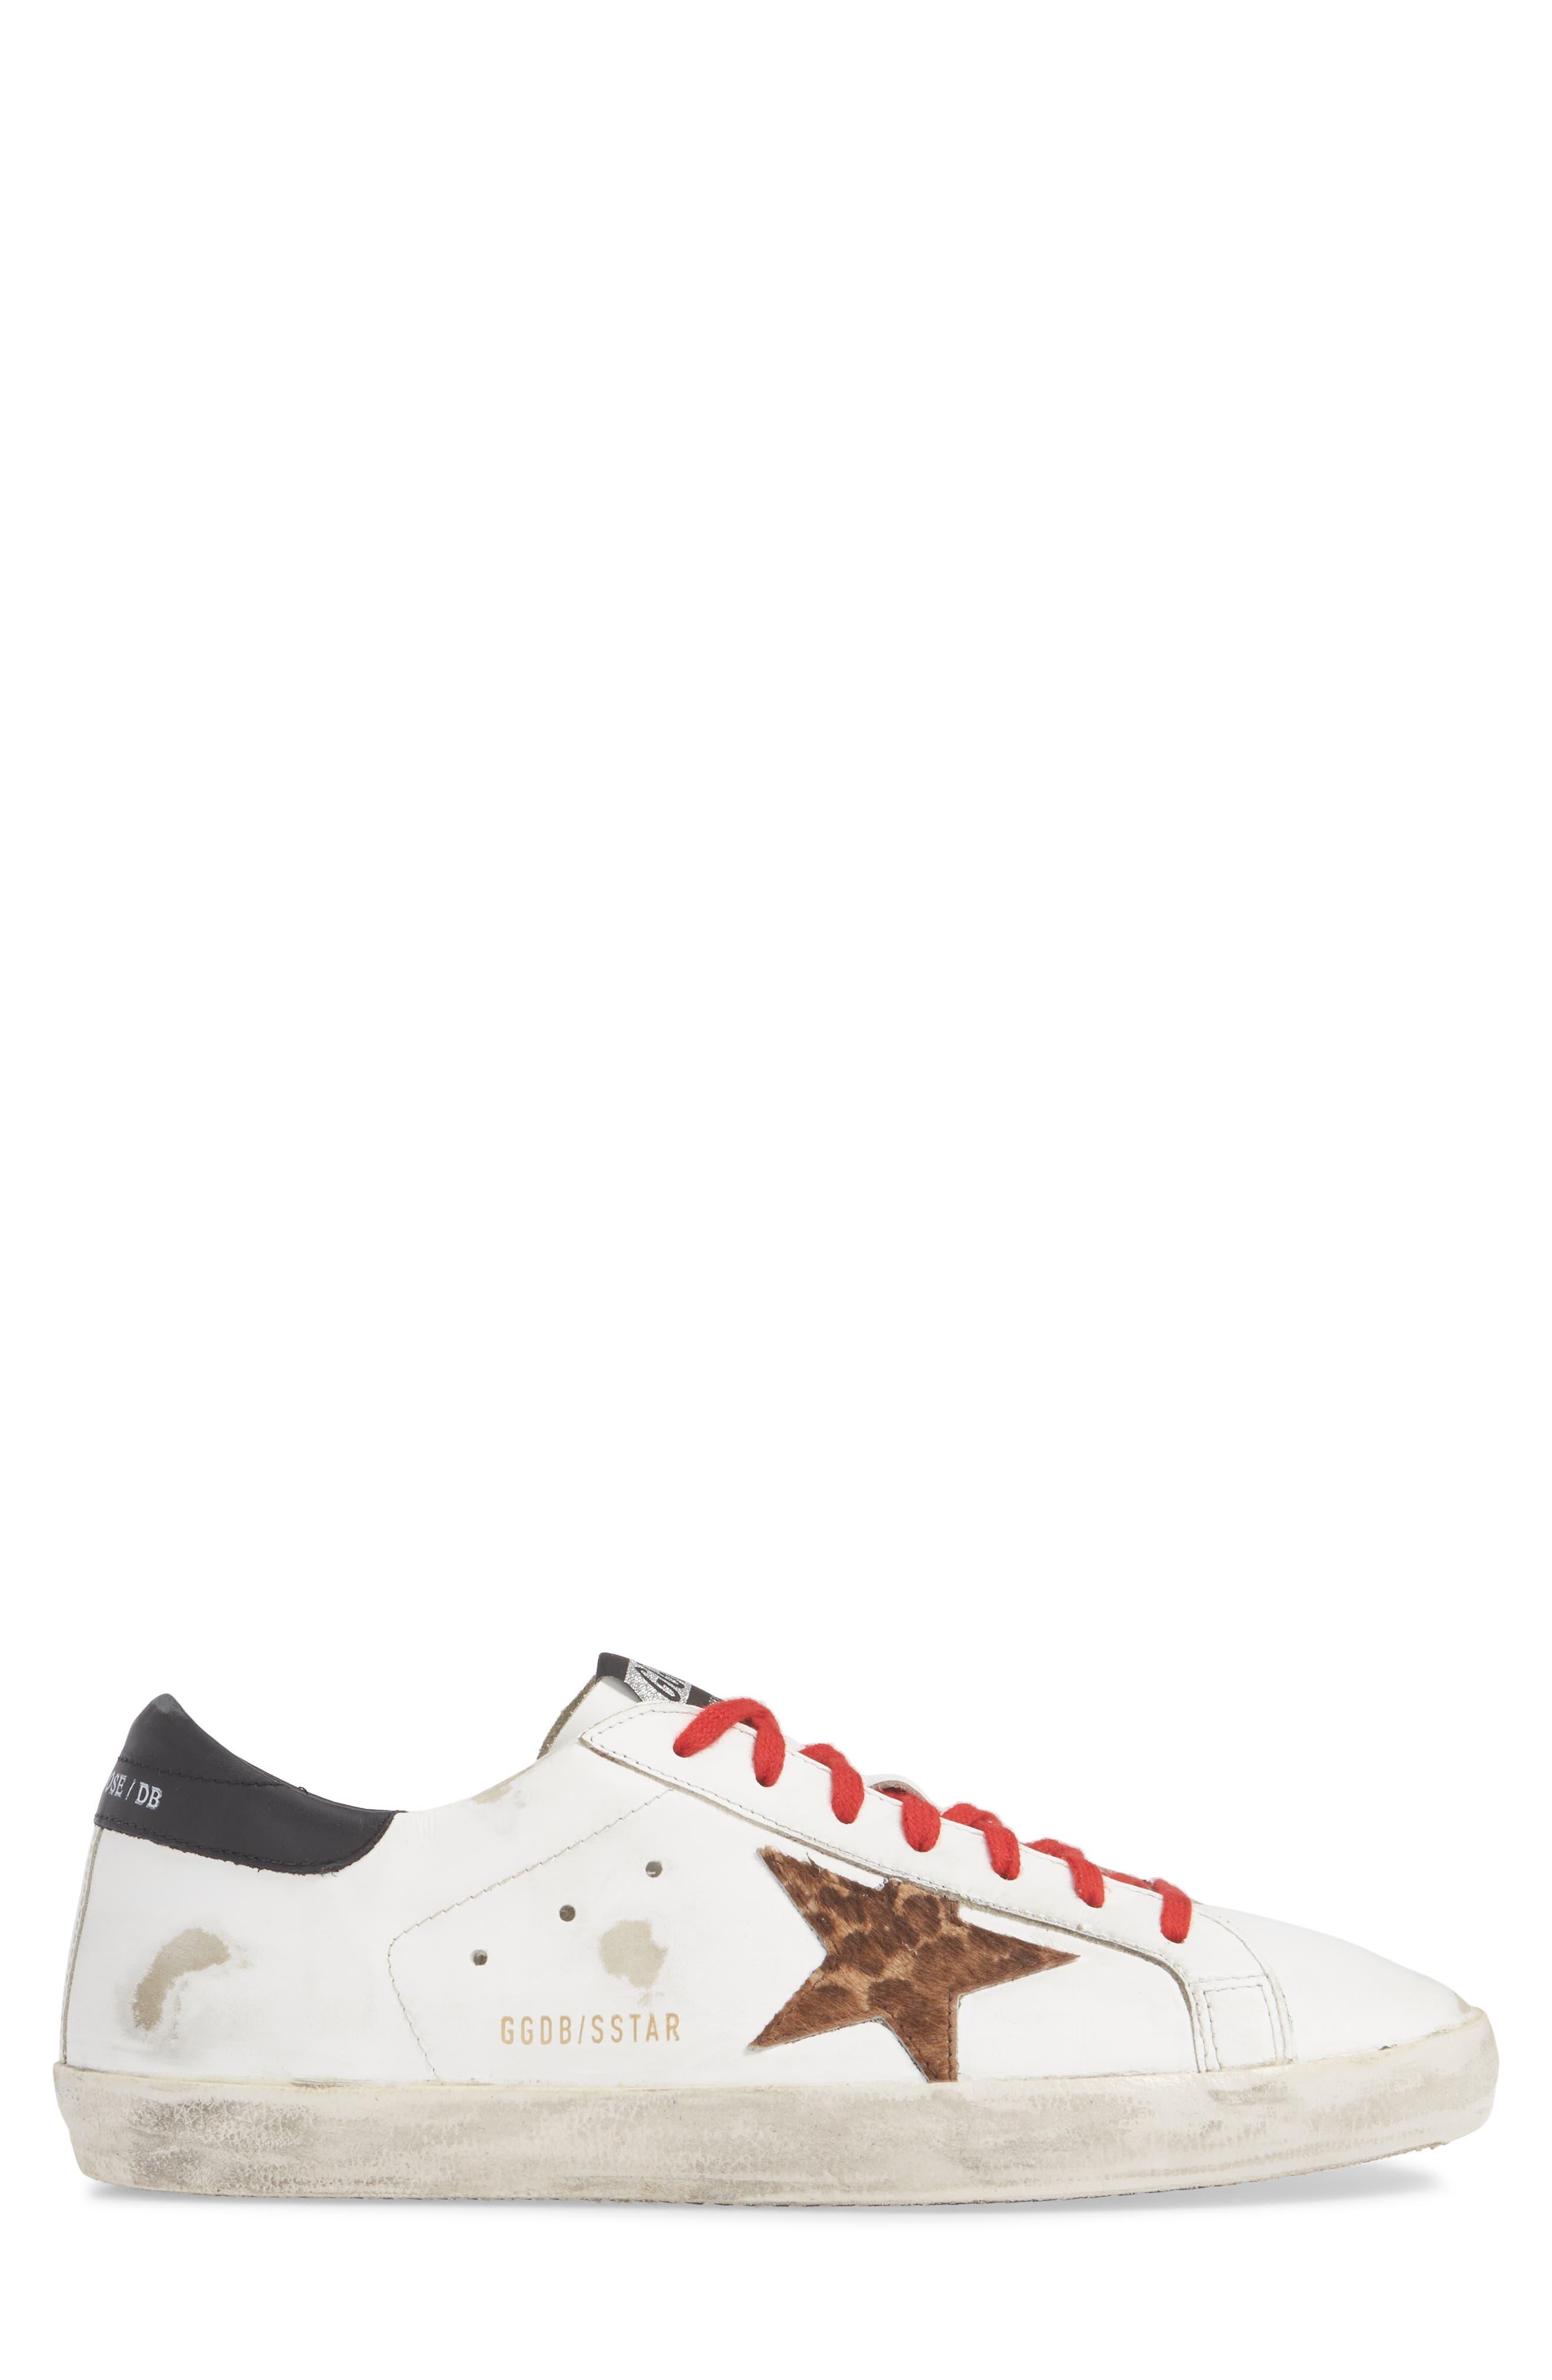 GOLDEN GOOSE, 'Superstar' Sneaker, Alternate thumbnail 3, color, WHITE/ BLACK